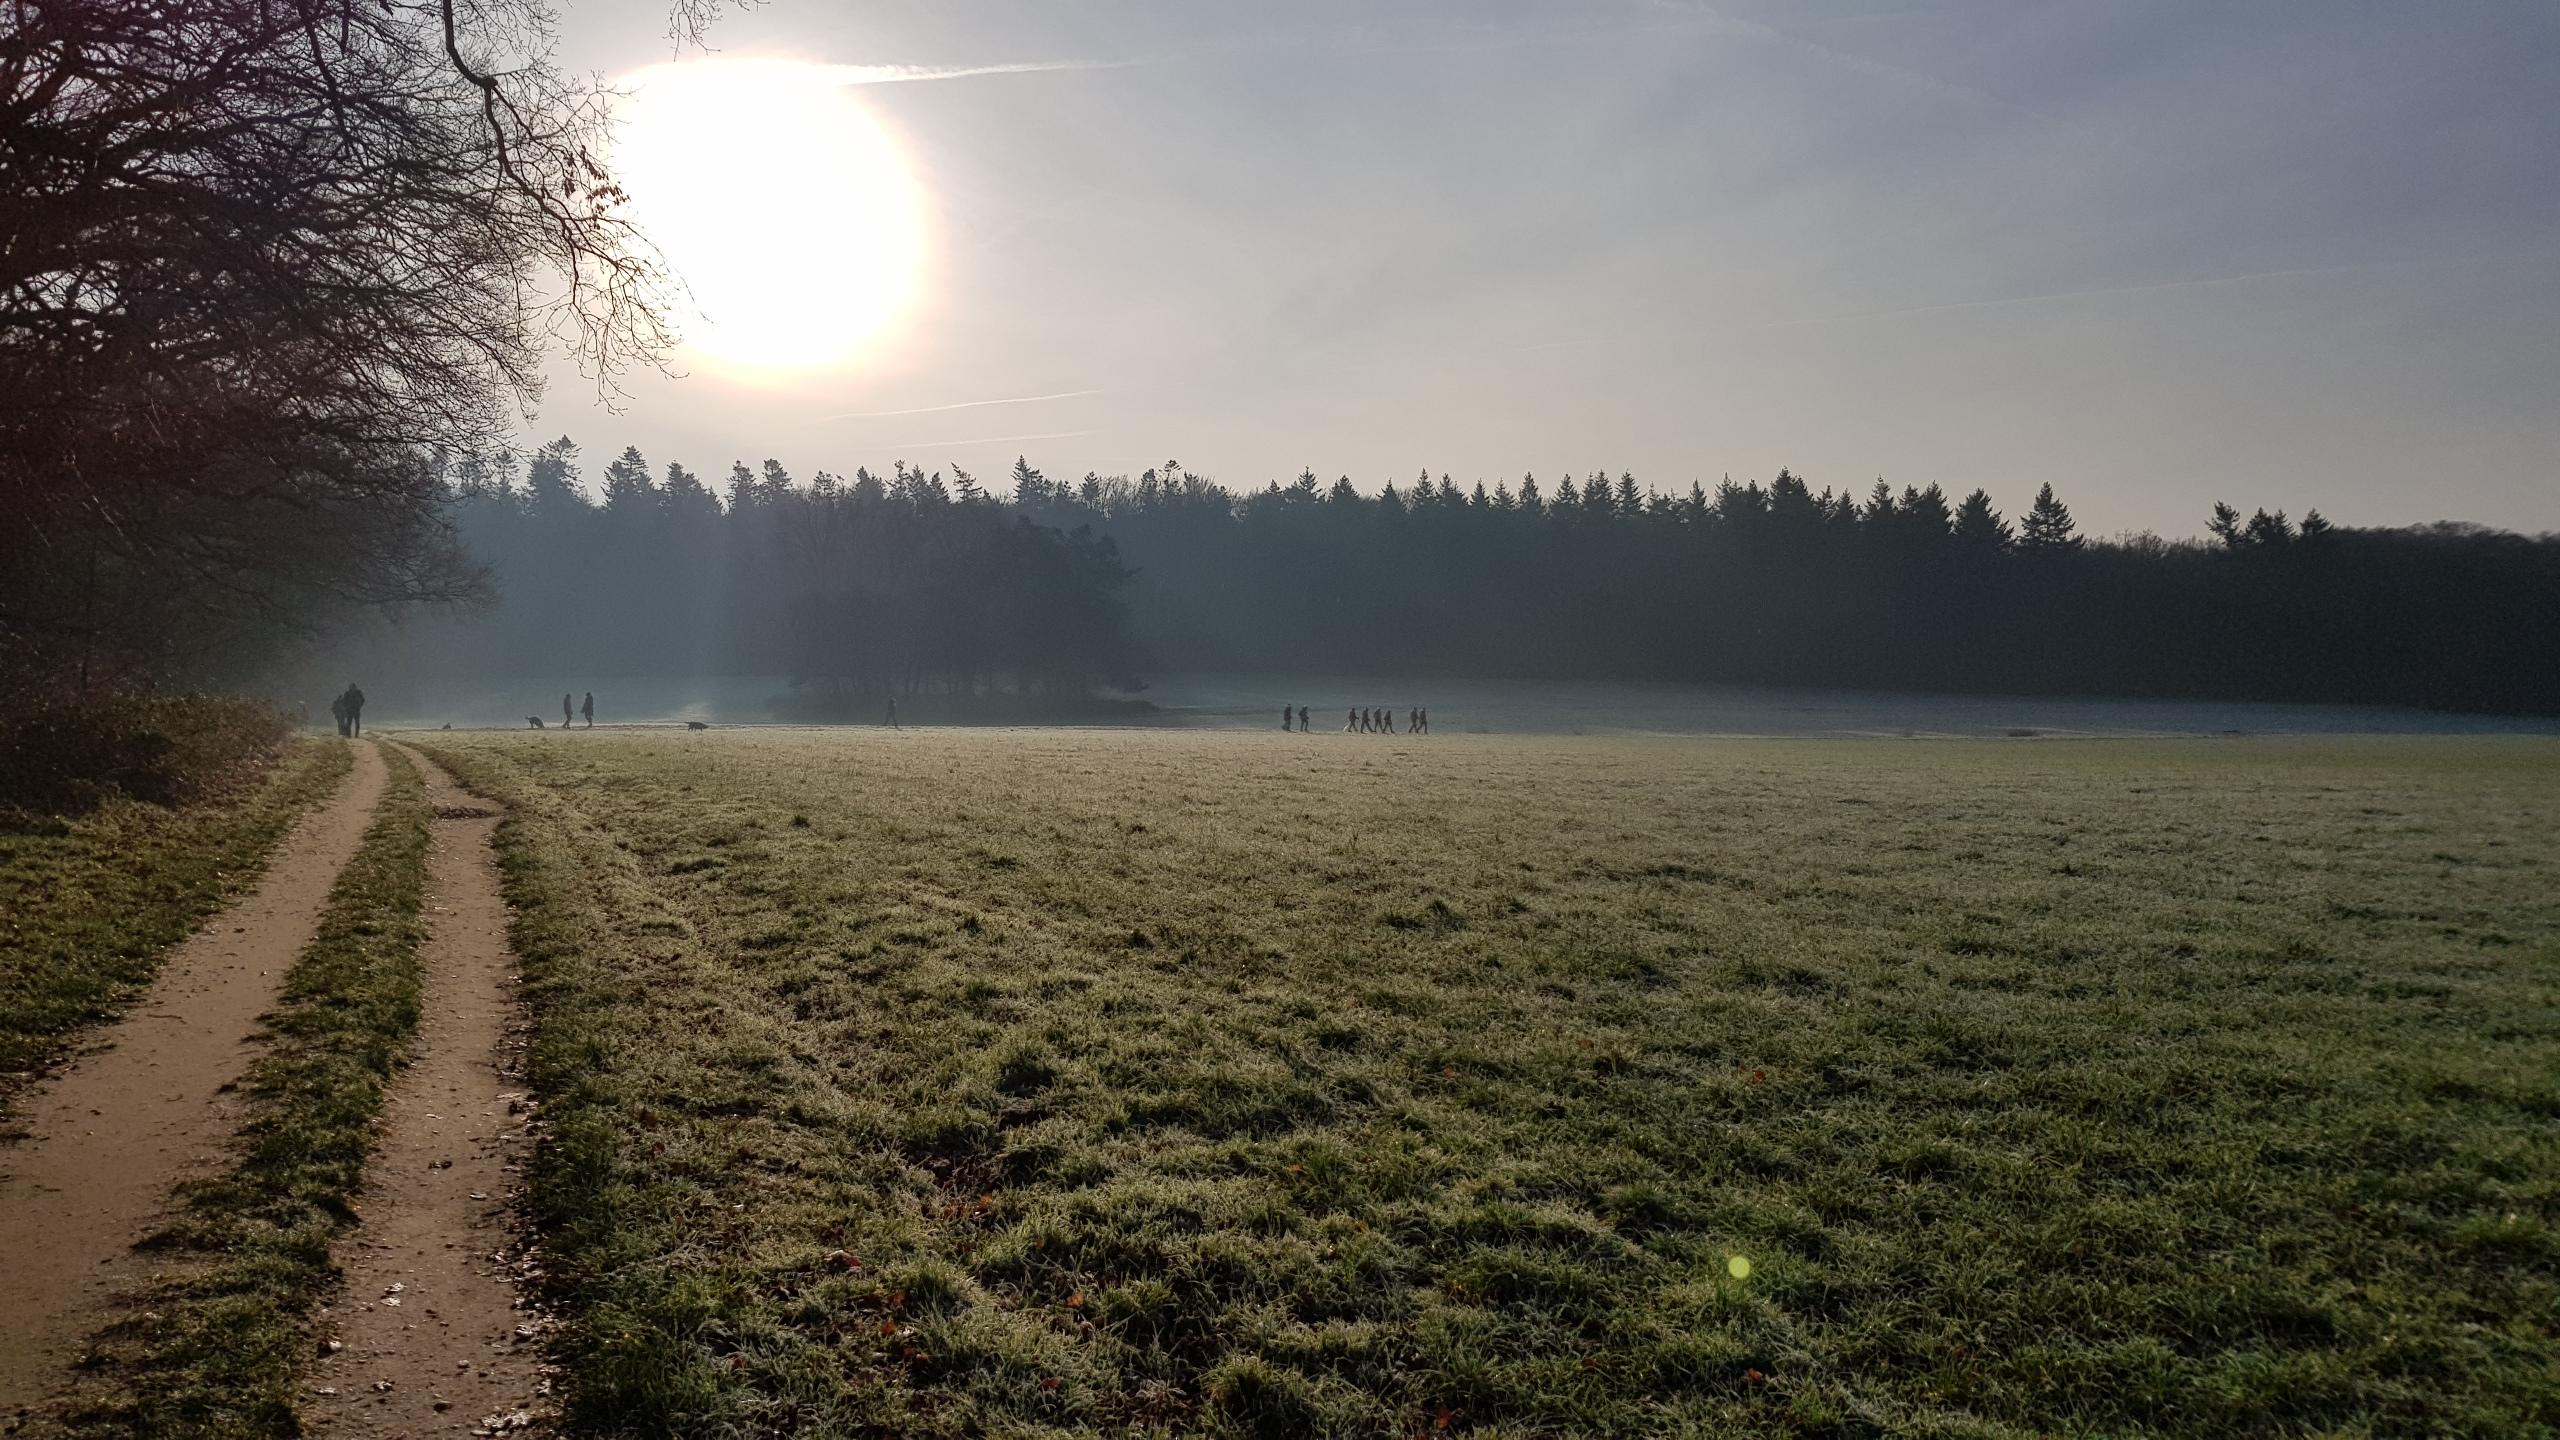 Park Zypendaal